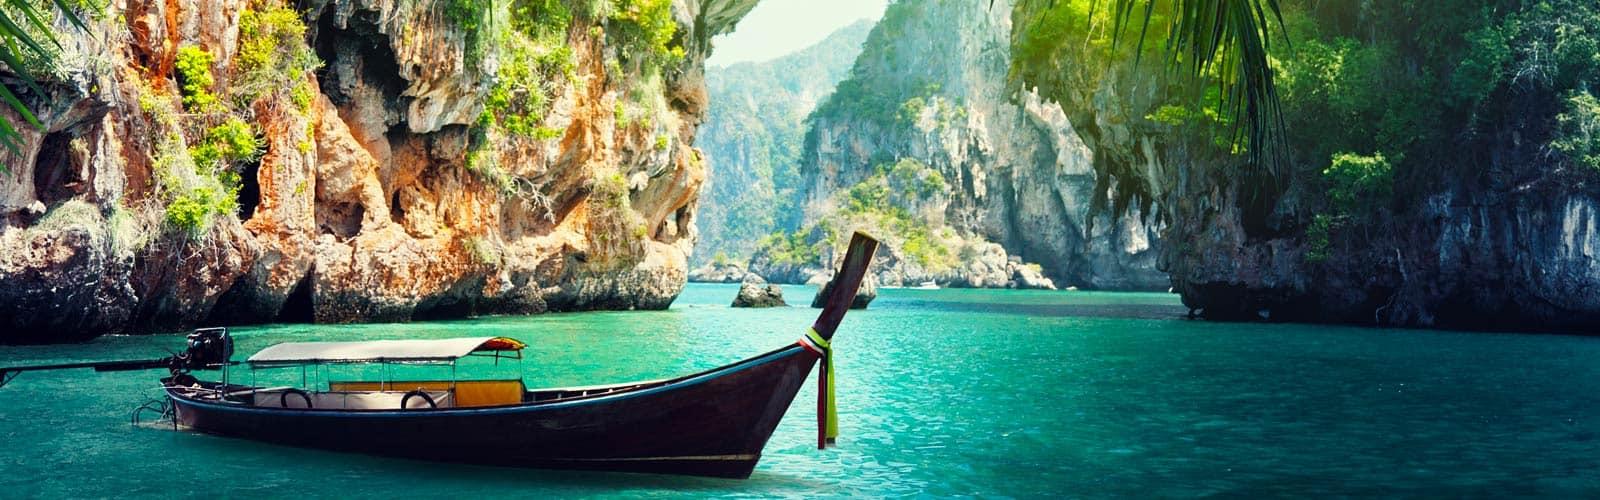 que es lo mejor de tailandia